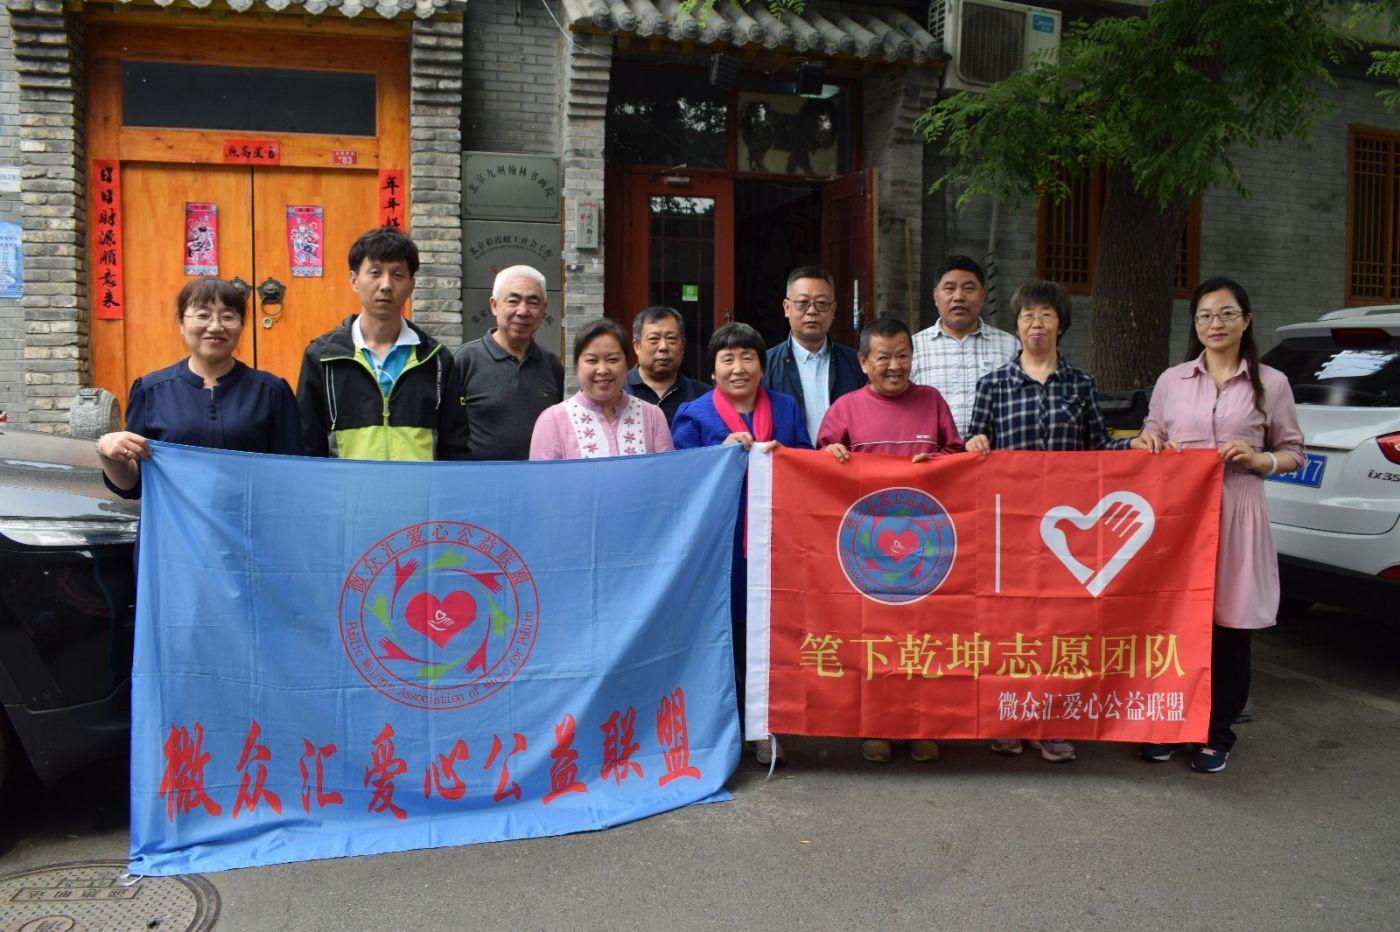 北京笔下乾坤志愿团队成立_图1-7